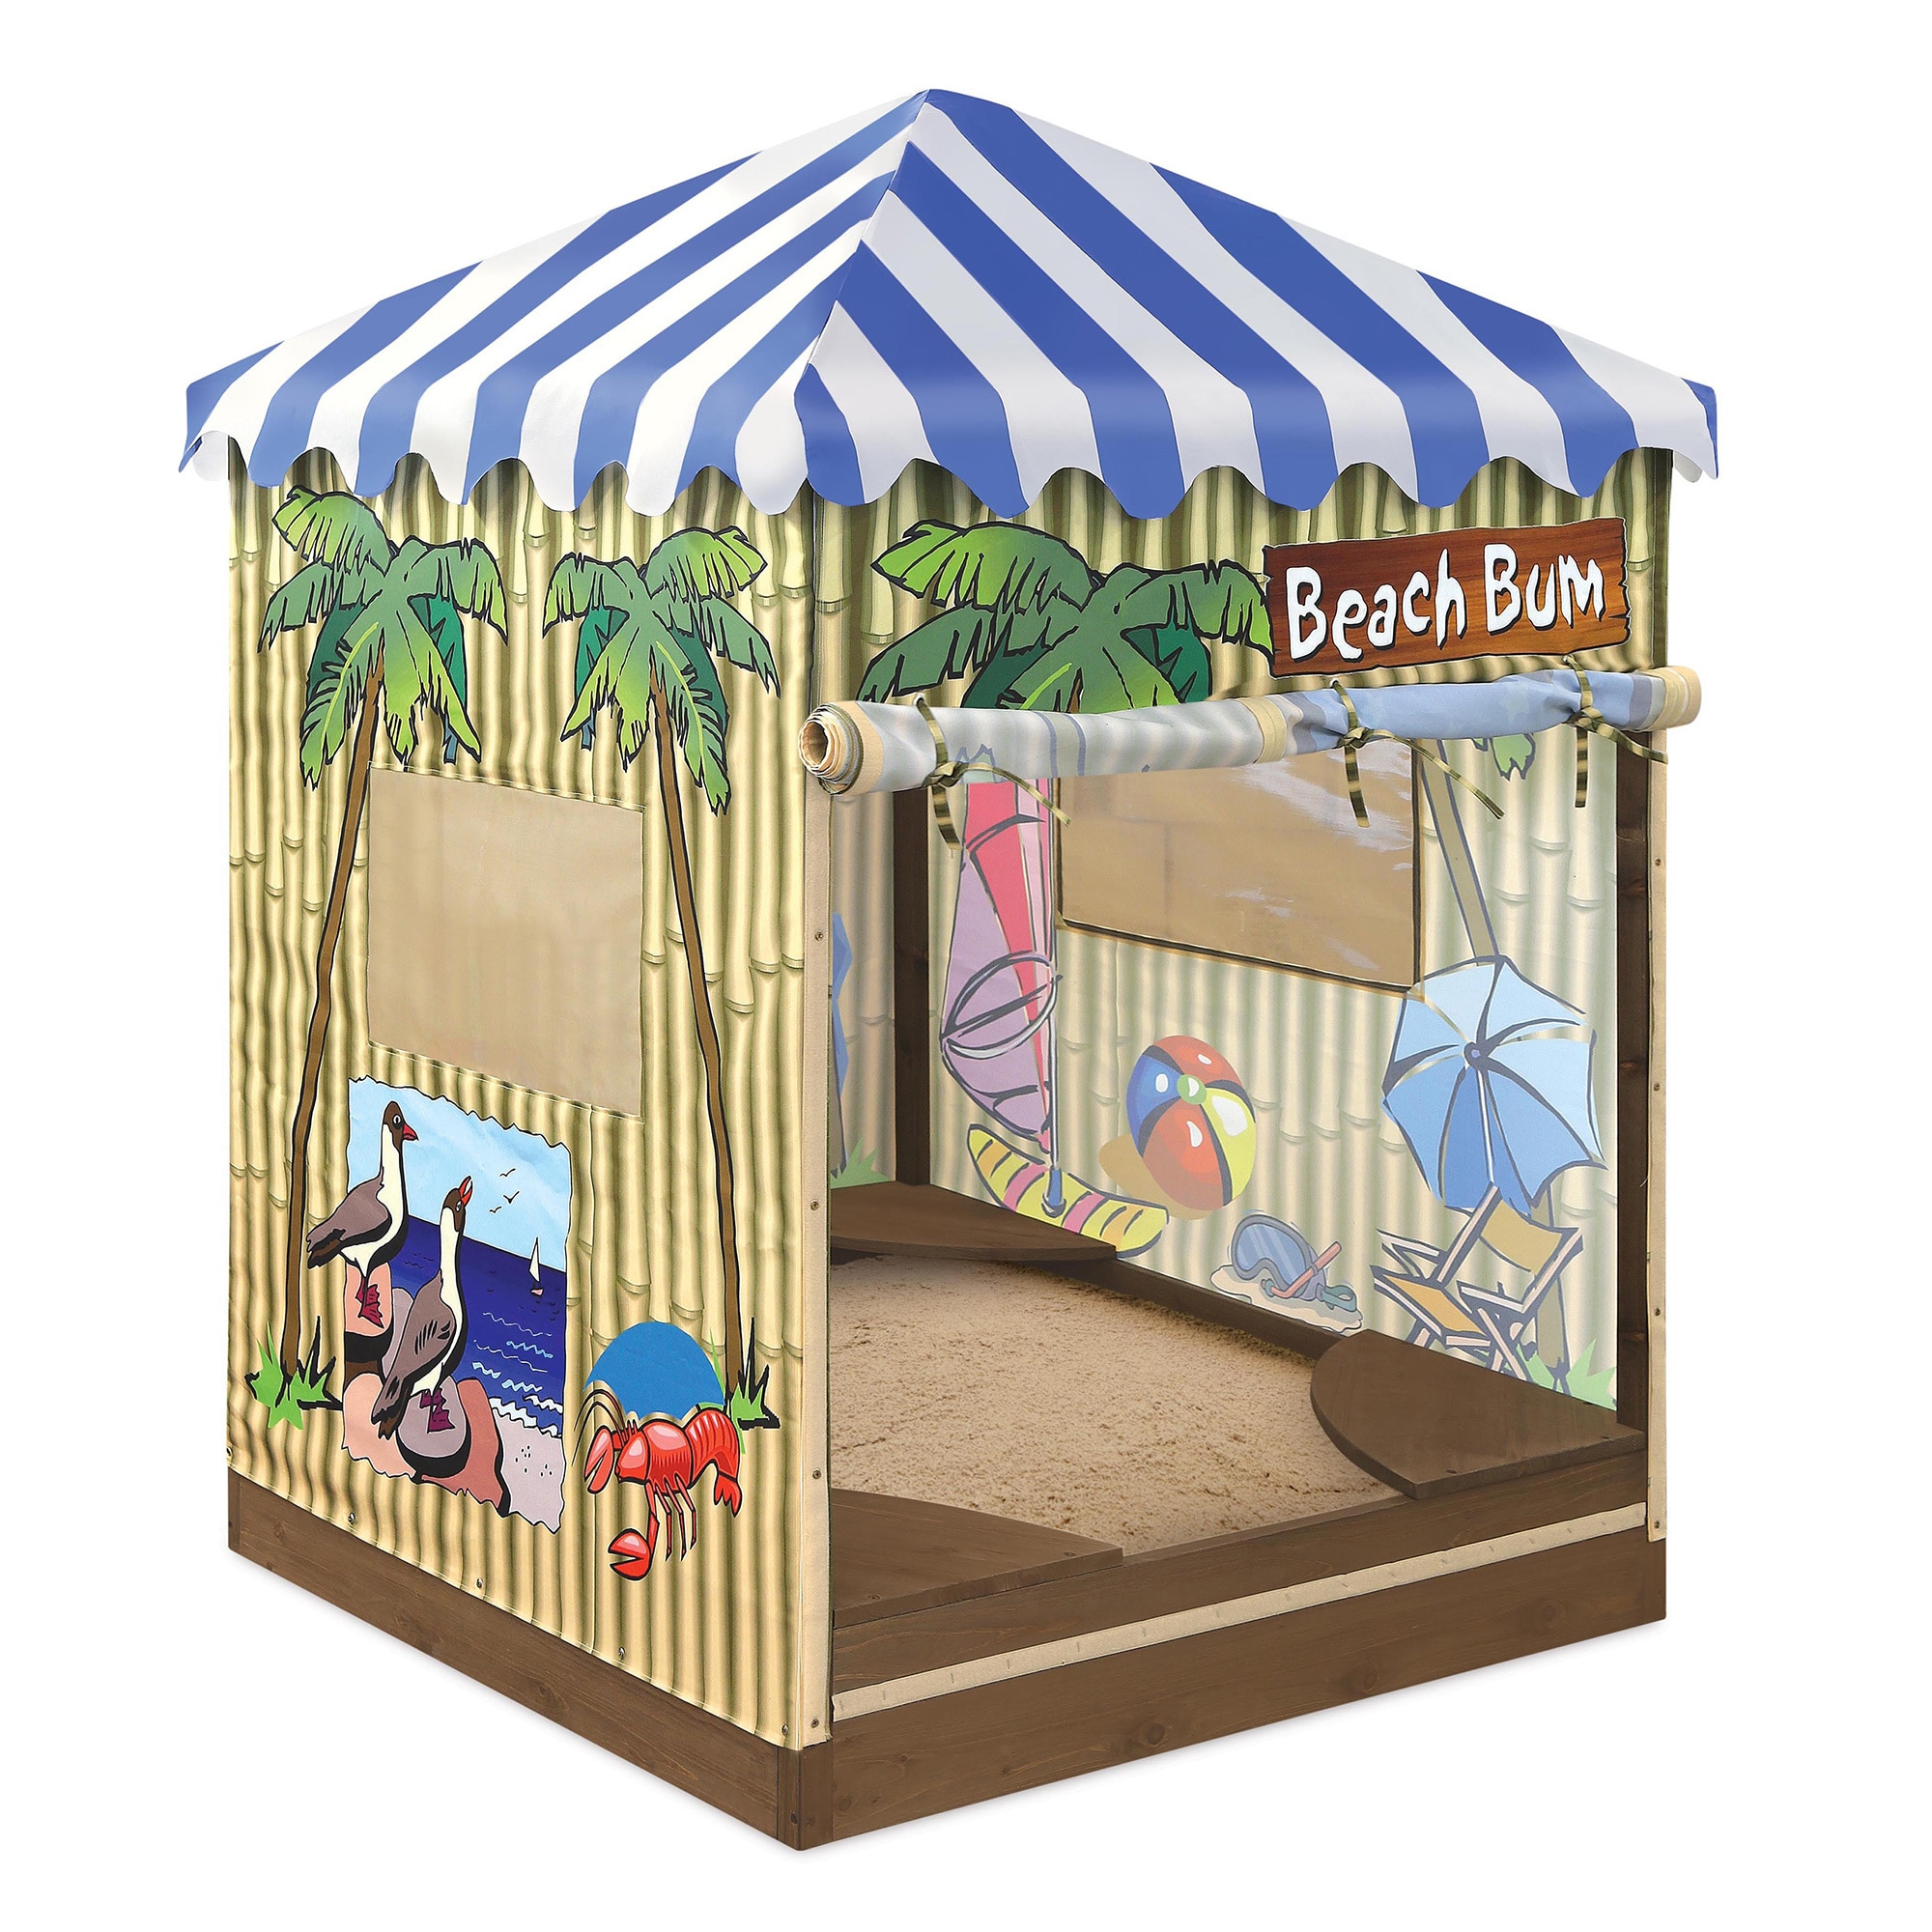 Badger Basket Beach Bum Cabana Sandbox and Playhouse (Bea...